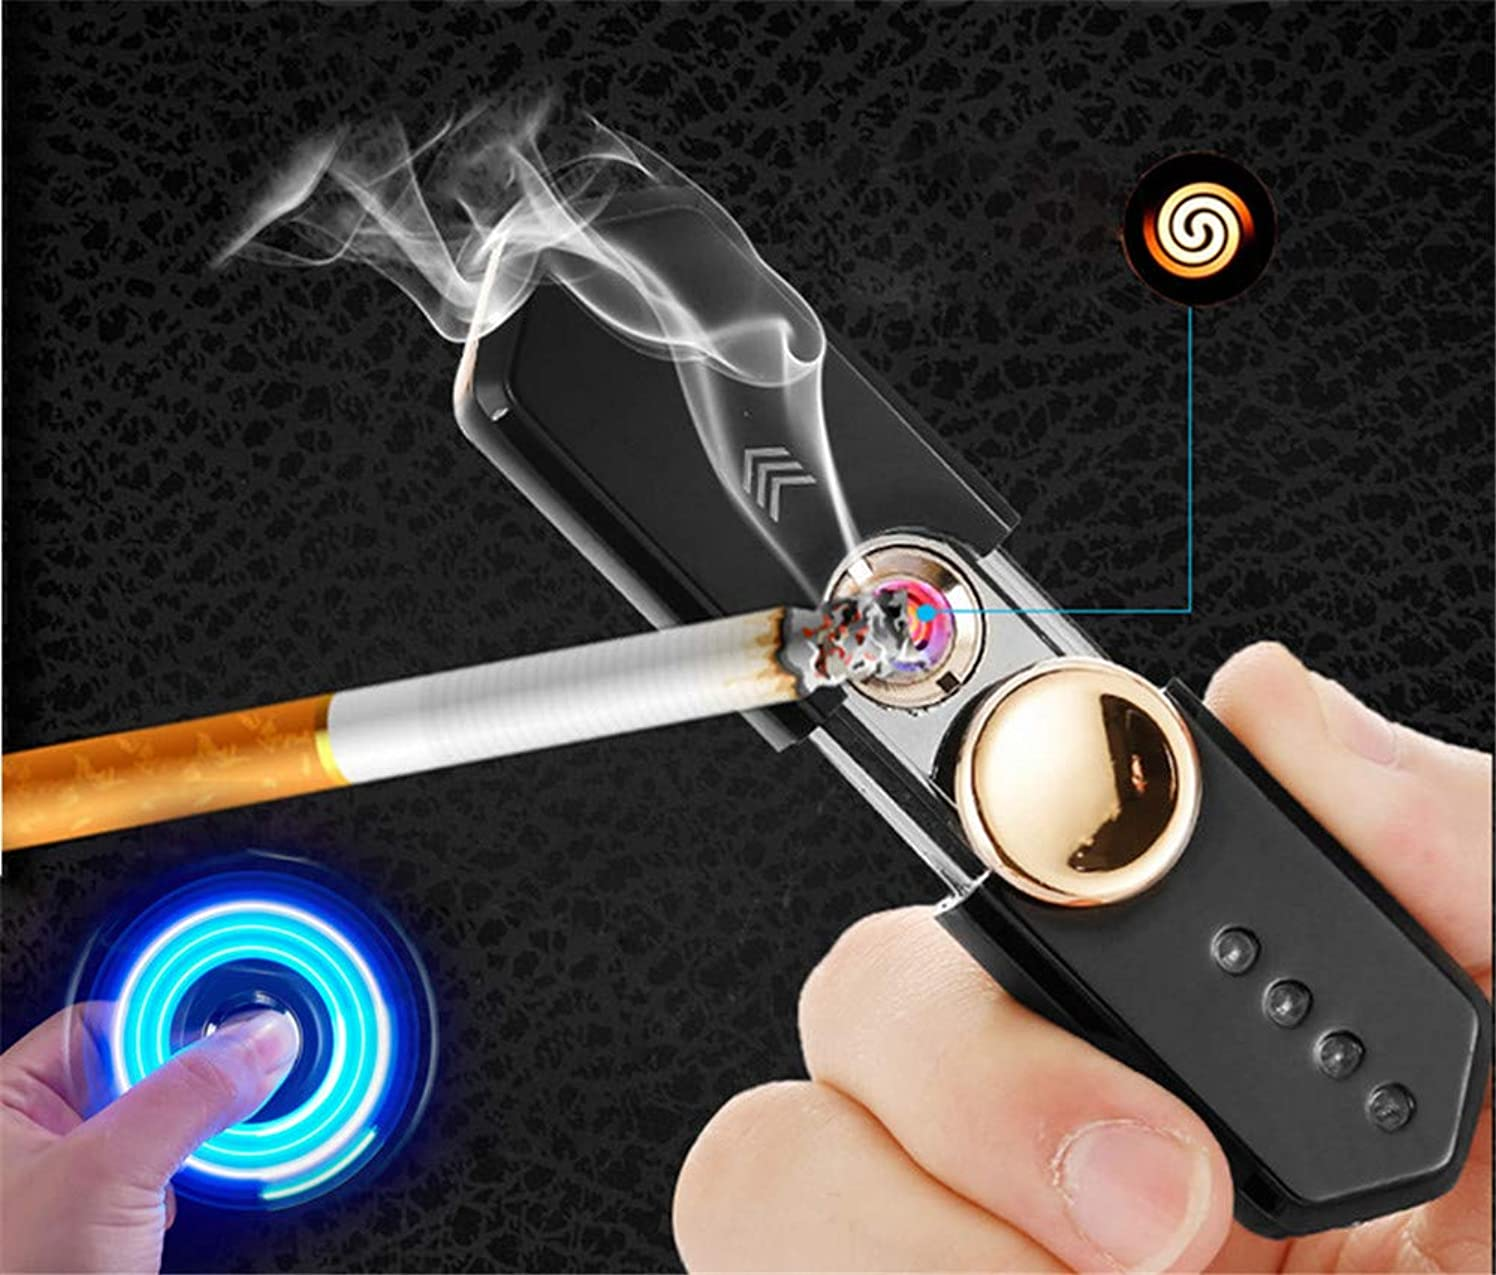 ペデスタル亜熱帯かもしれないLED 軽い 電子ライター USB充電式 電気 usb ライター ライタープラズマ LED懐中電灯 電子 放電式 防水 ミニ携帯USB充電ライター、繰り返し充電することができます.無炎、防風 LED電子ライター USB充電式 アーク点火 LEDラップの色変化 多機能ターボ着火 ガス オイル不要 防風 おしゃれ 高級 安全 キャンプや防災用品 葉巻線香など用 父の日 プレゼント (ゴールド)